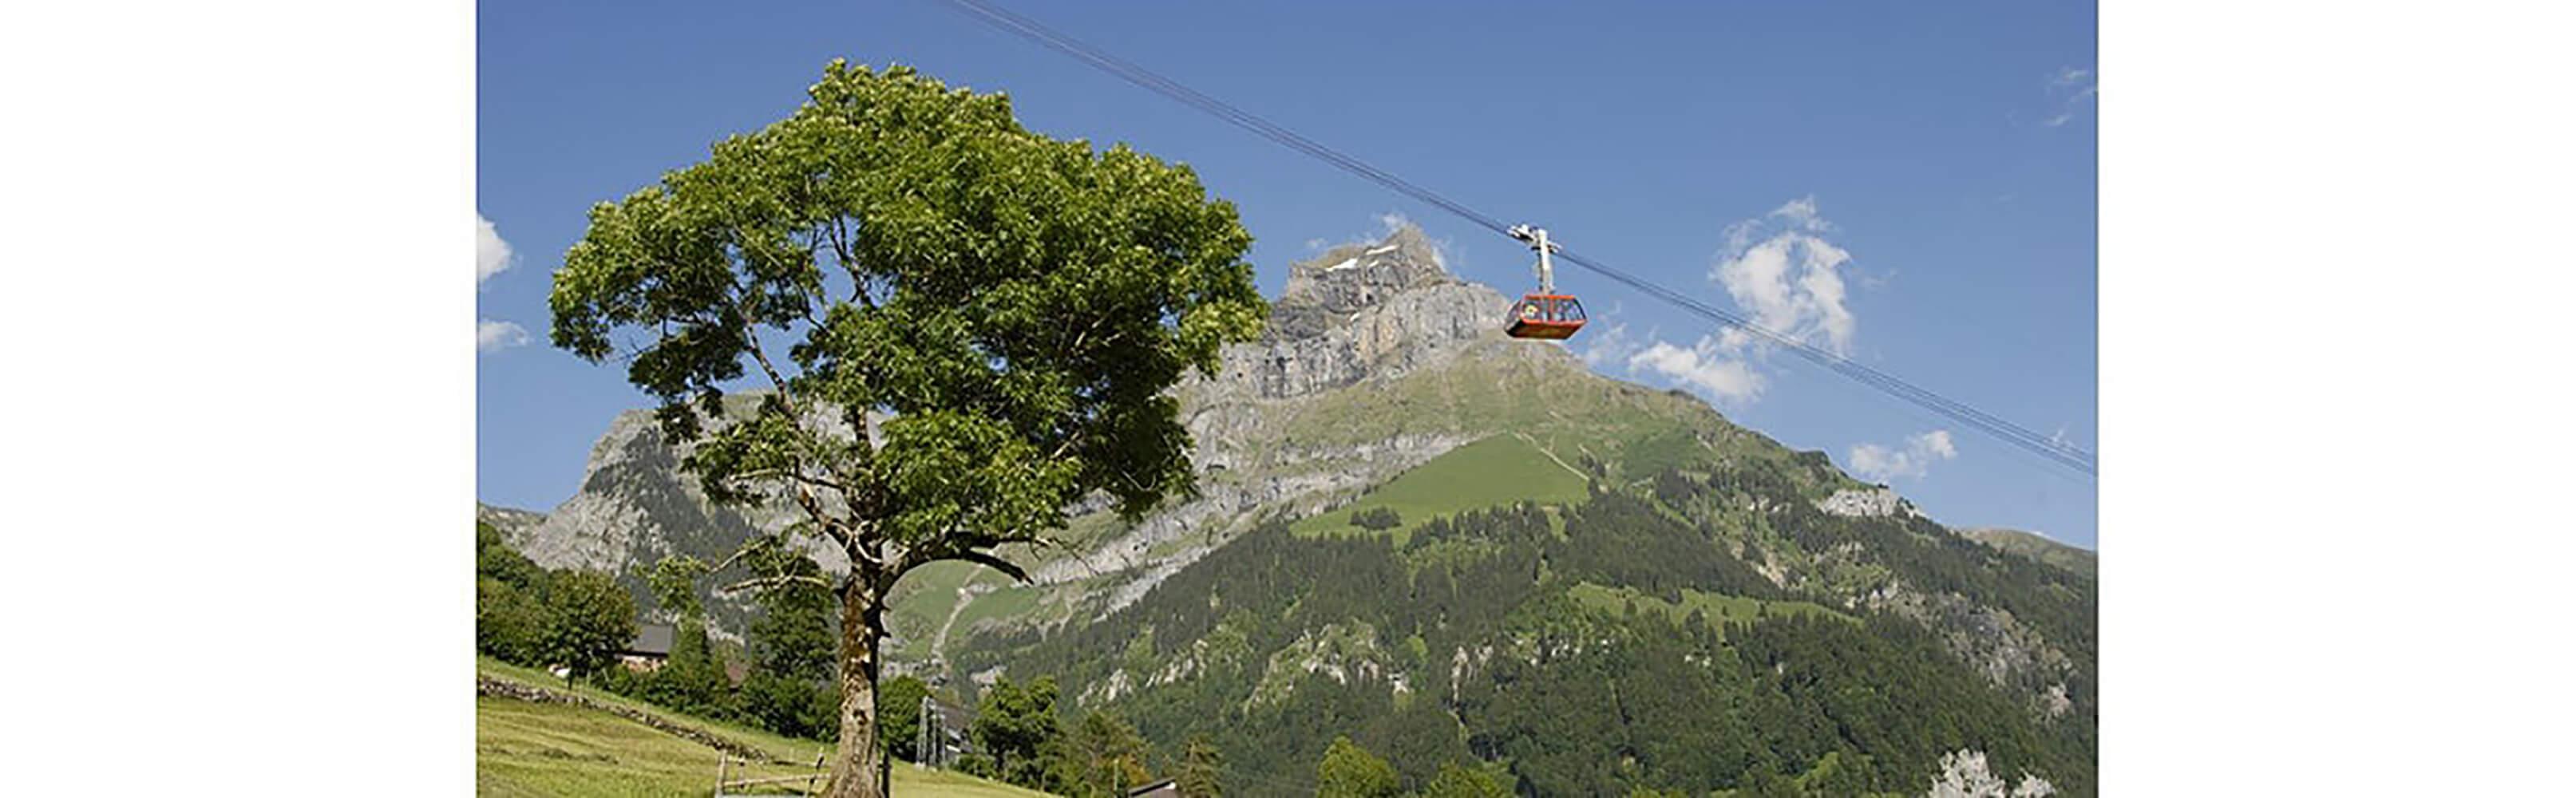 Brunni-Bahnen - die Sonnenseite von Engelberg 1